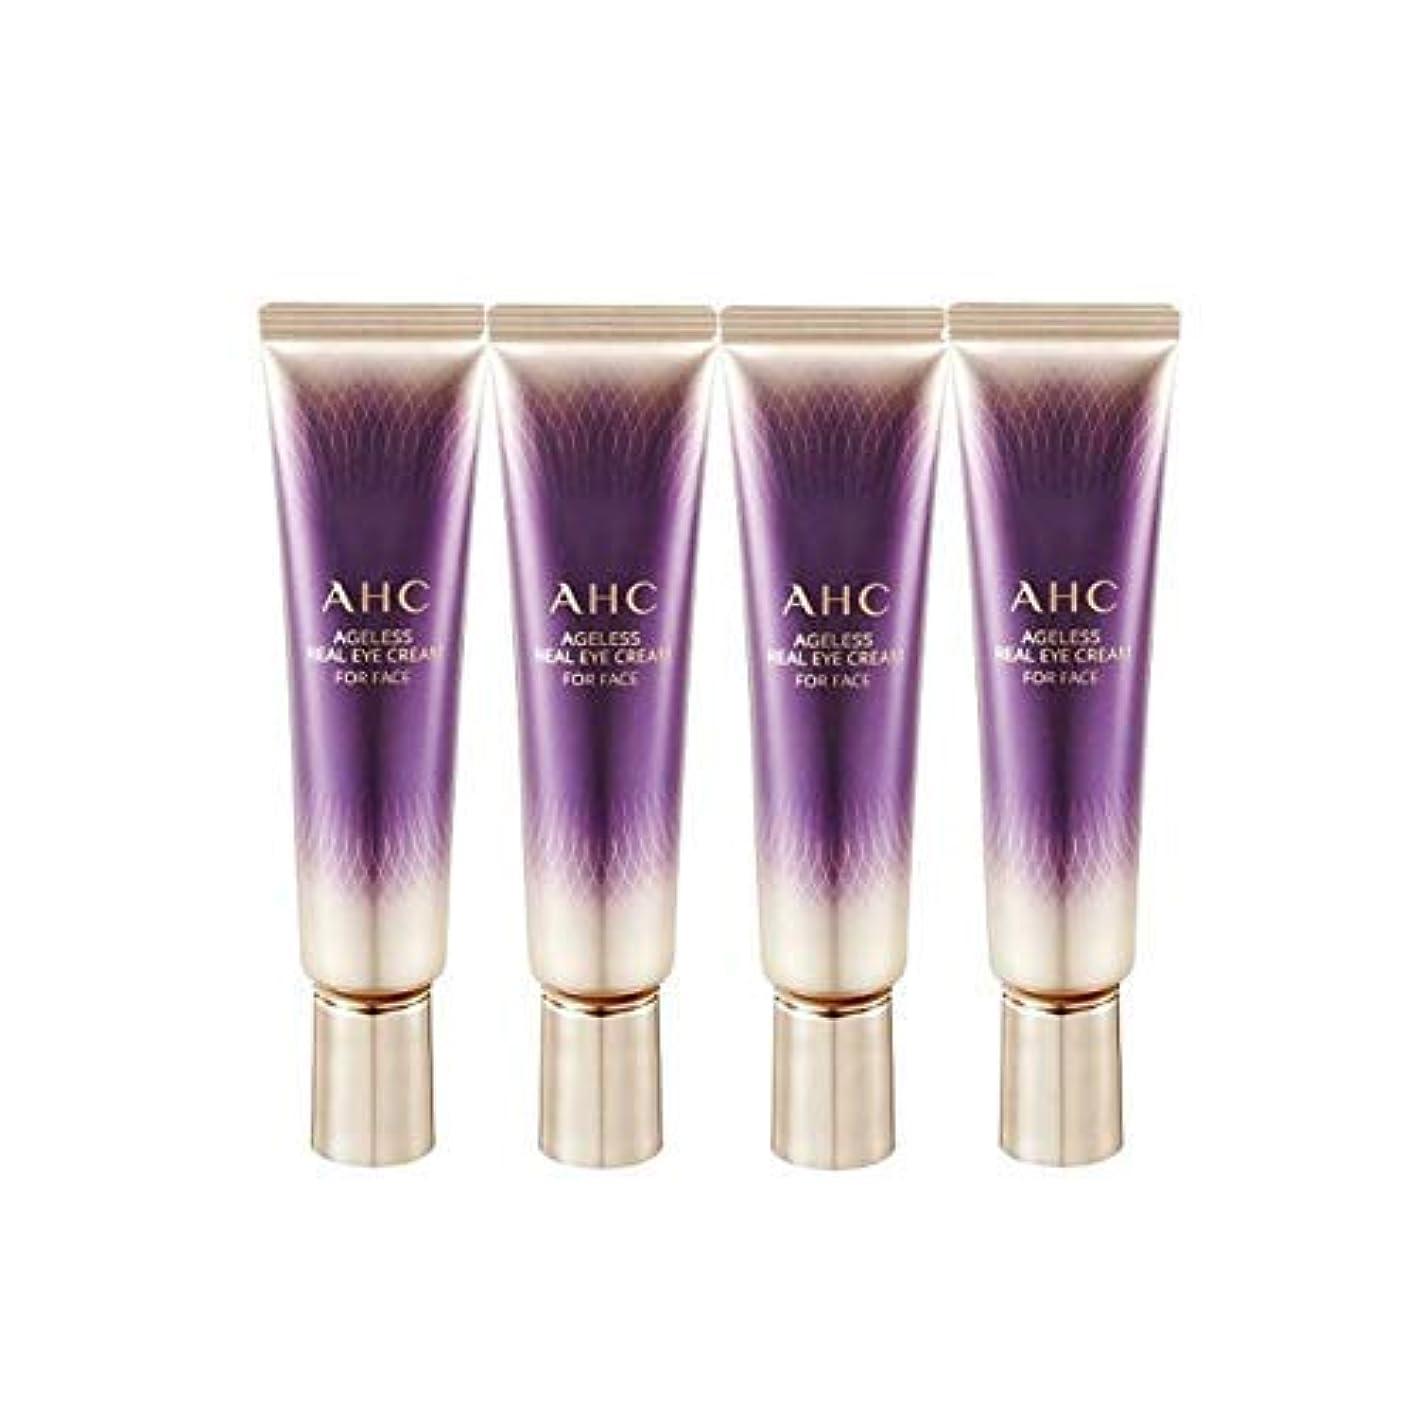 酸っぱい一行為AHC 2019 New Season 7 Ageless Real Eye Cream for Face 1 Fl Oz 30ml x 4 Anti-Wrinkle Brightness Contains Collagen